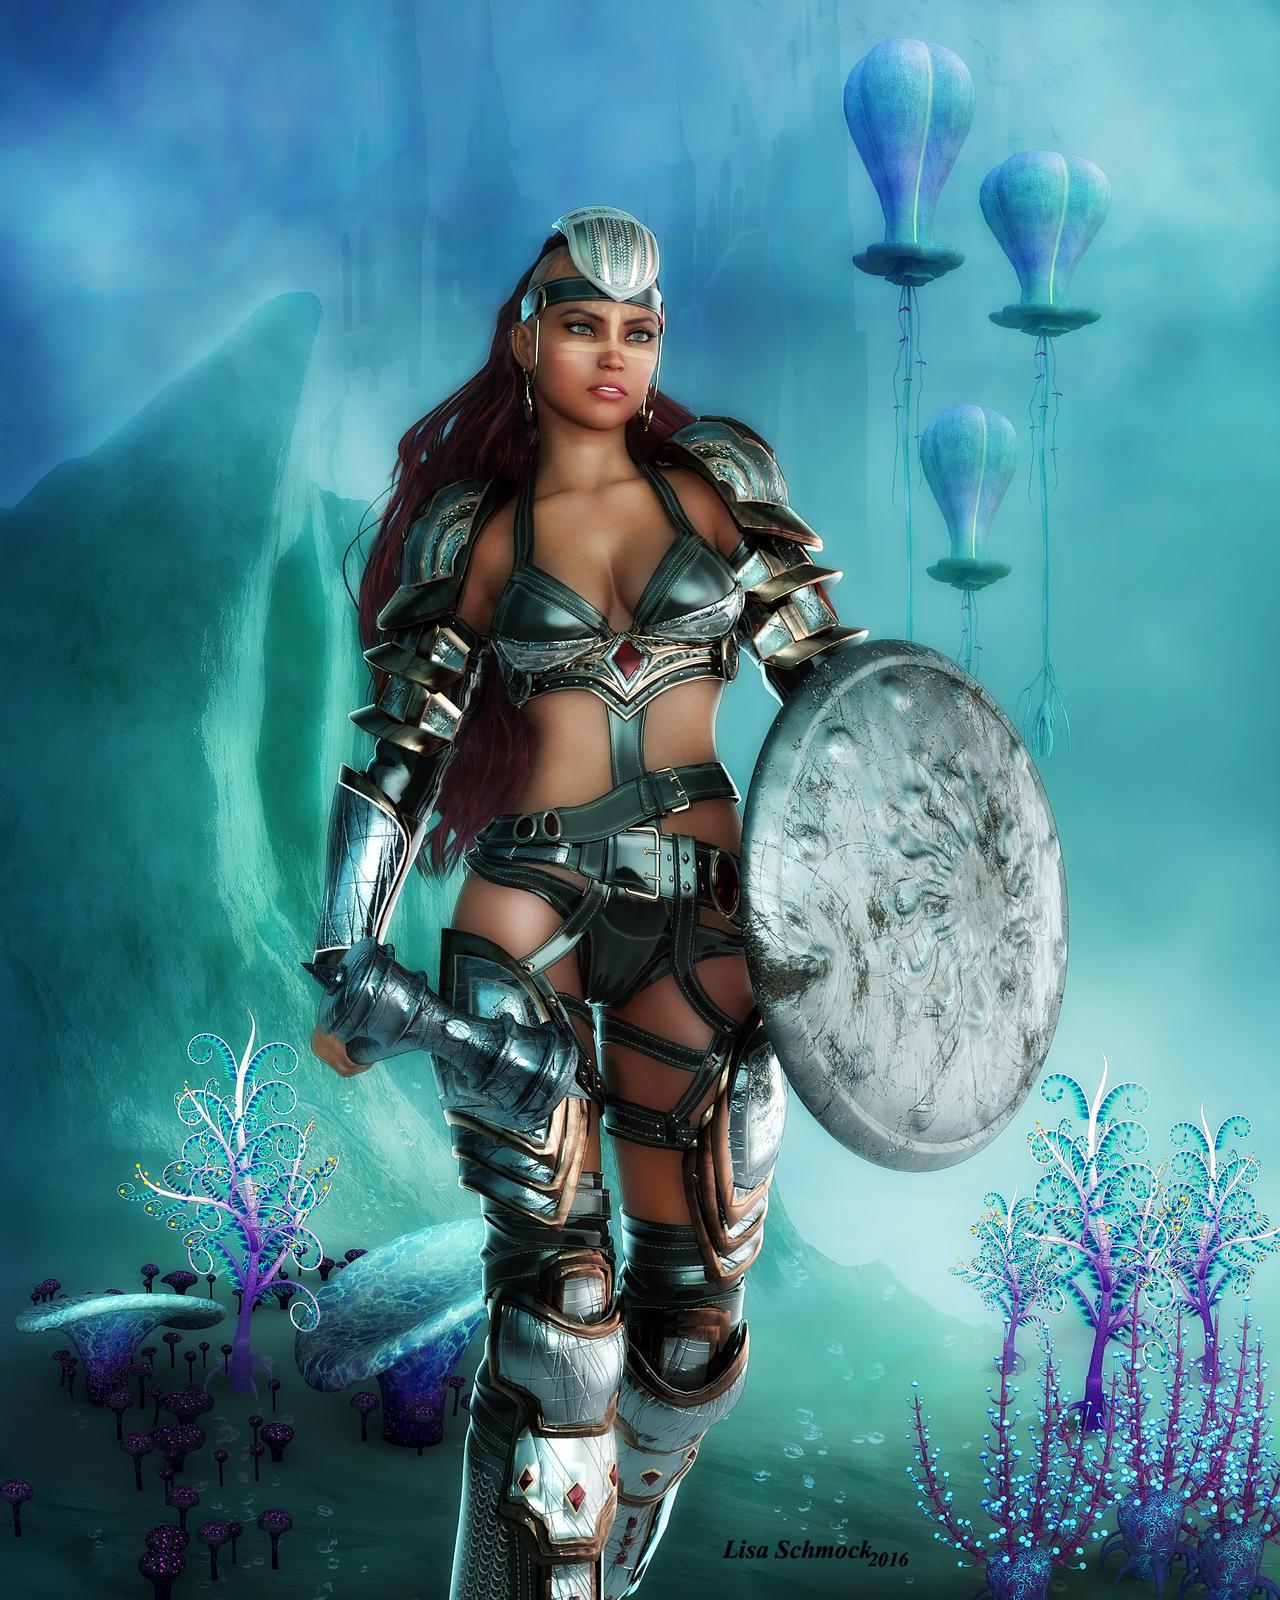 Daz3d poser legend for grissel fantasy armor : liasmudal